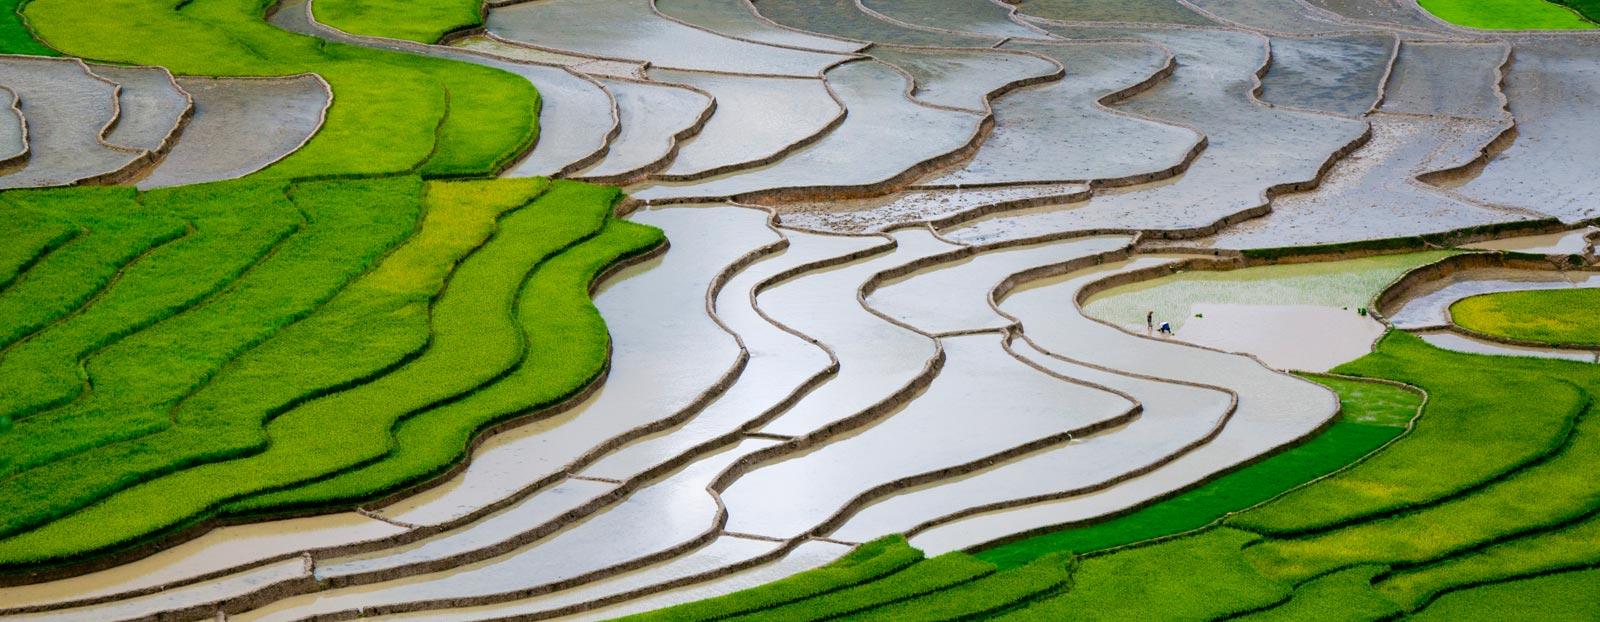 稻米的自然栖息地